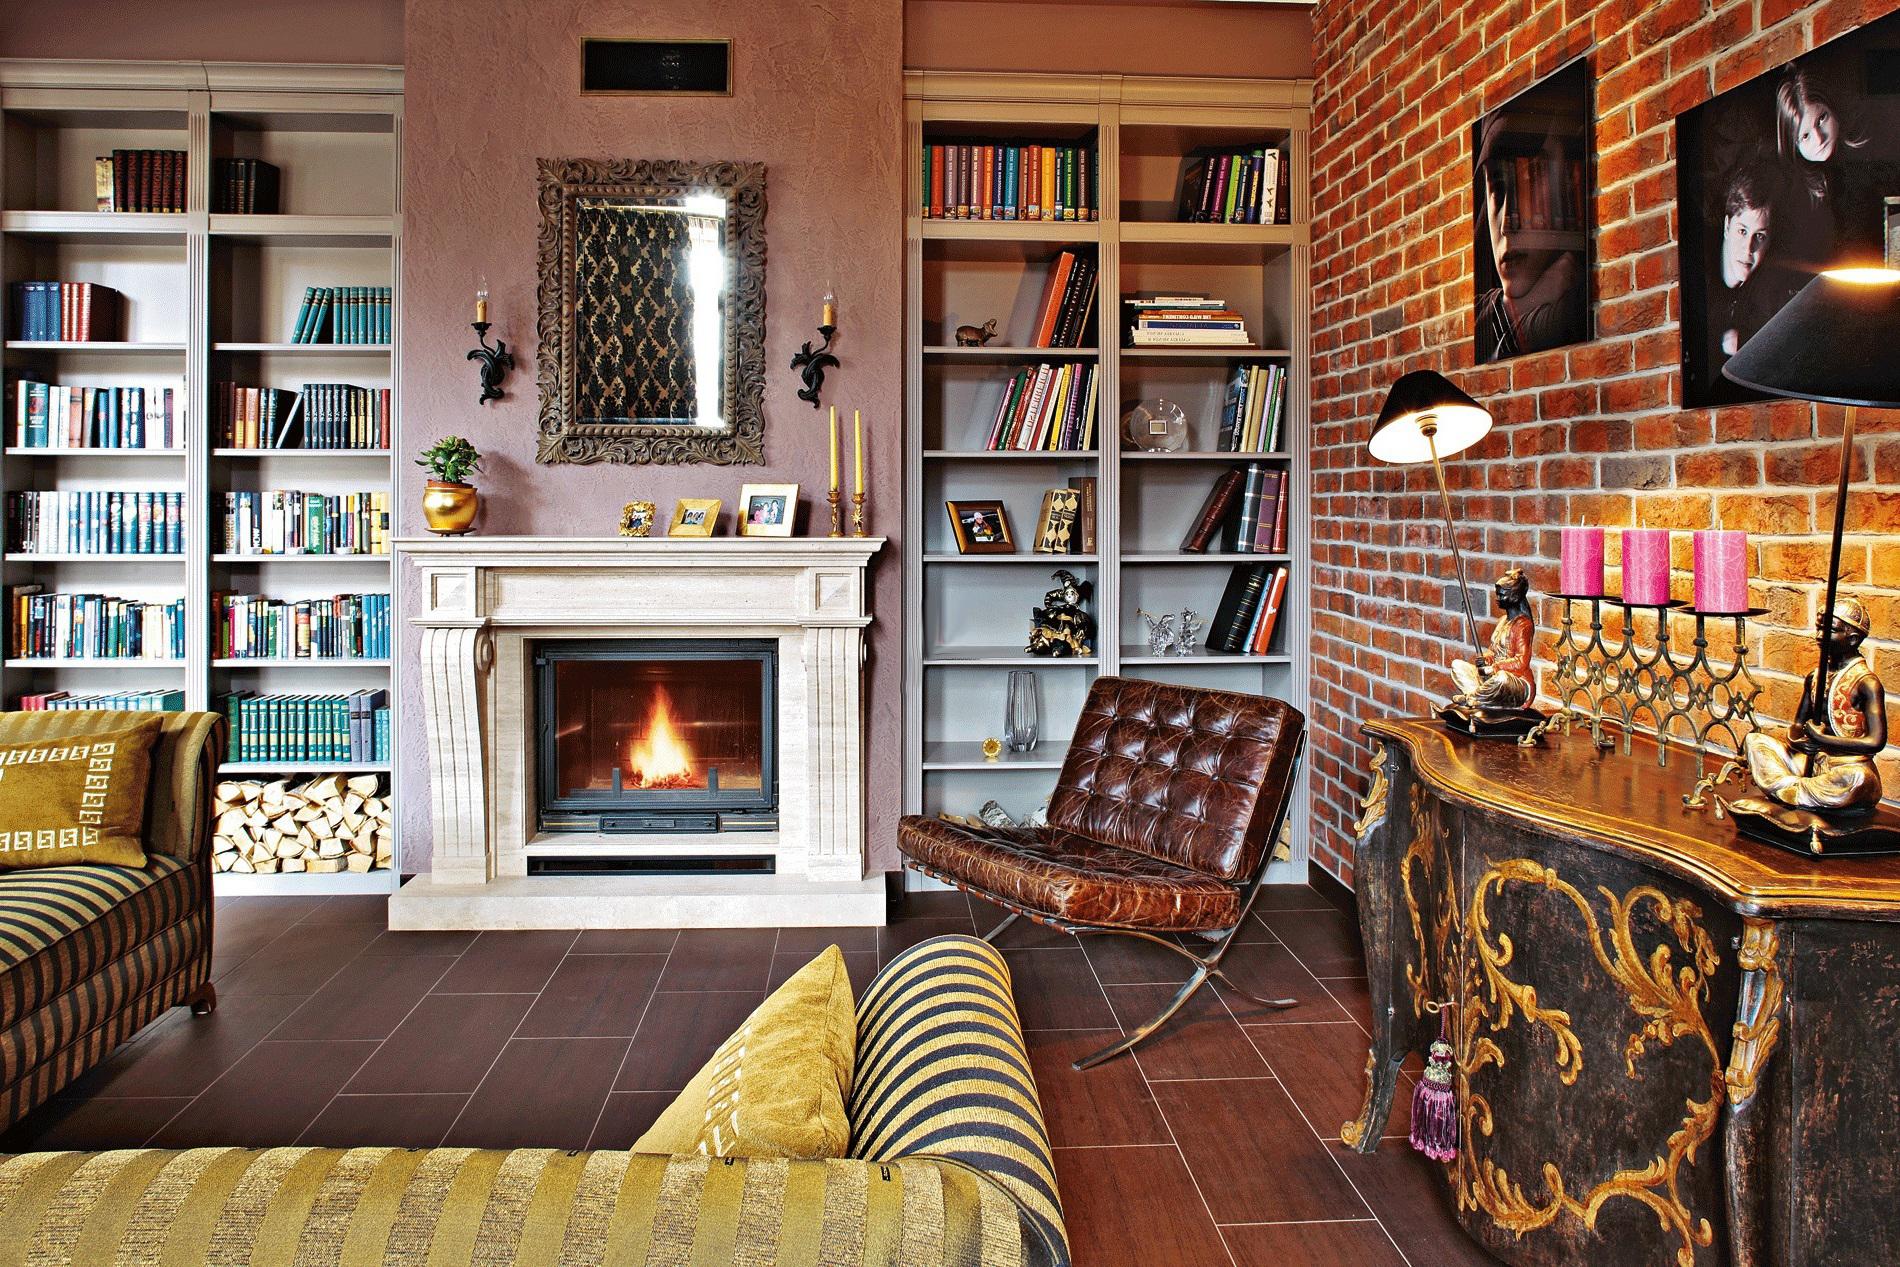 Выбор мебели для интерьера в стиле фьюжн